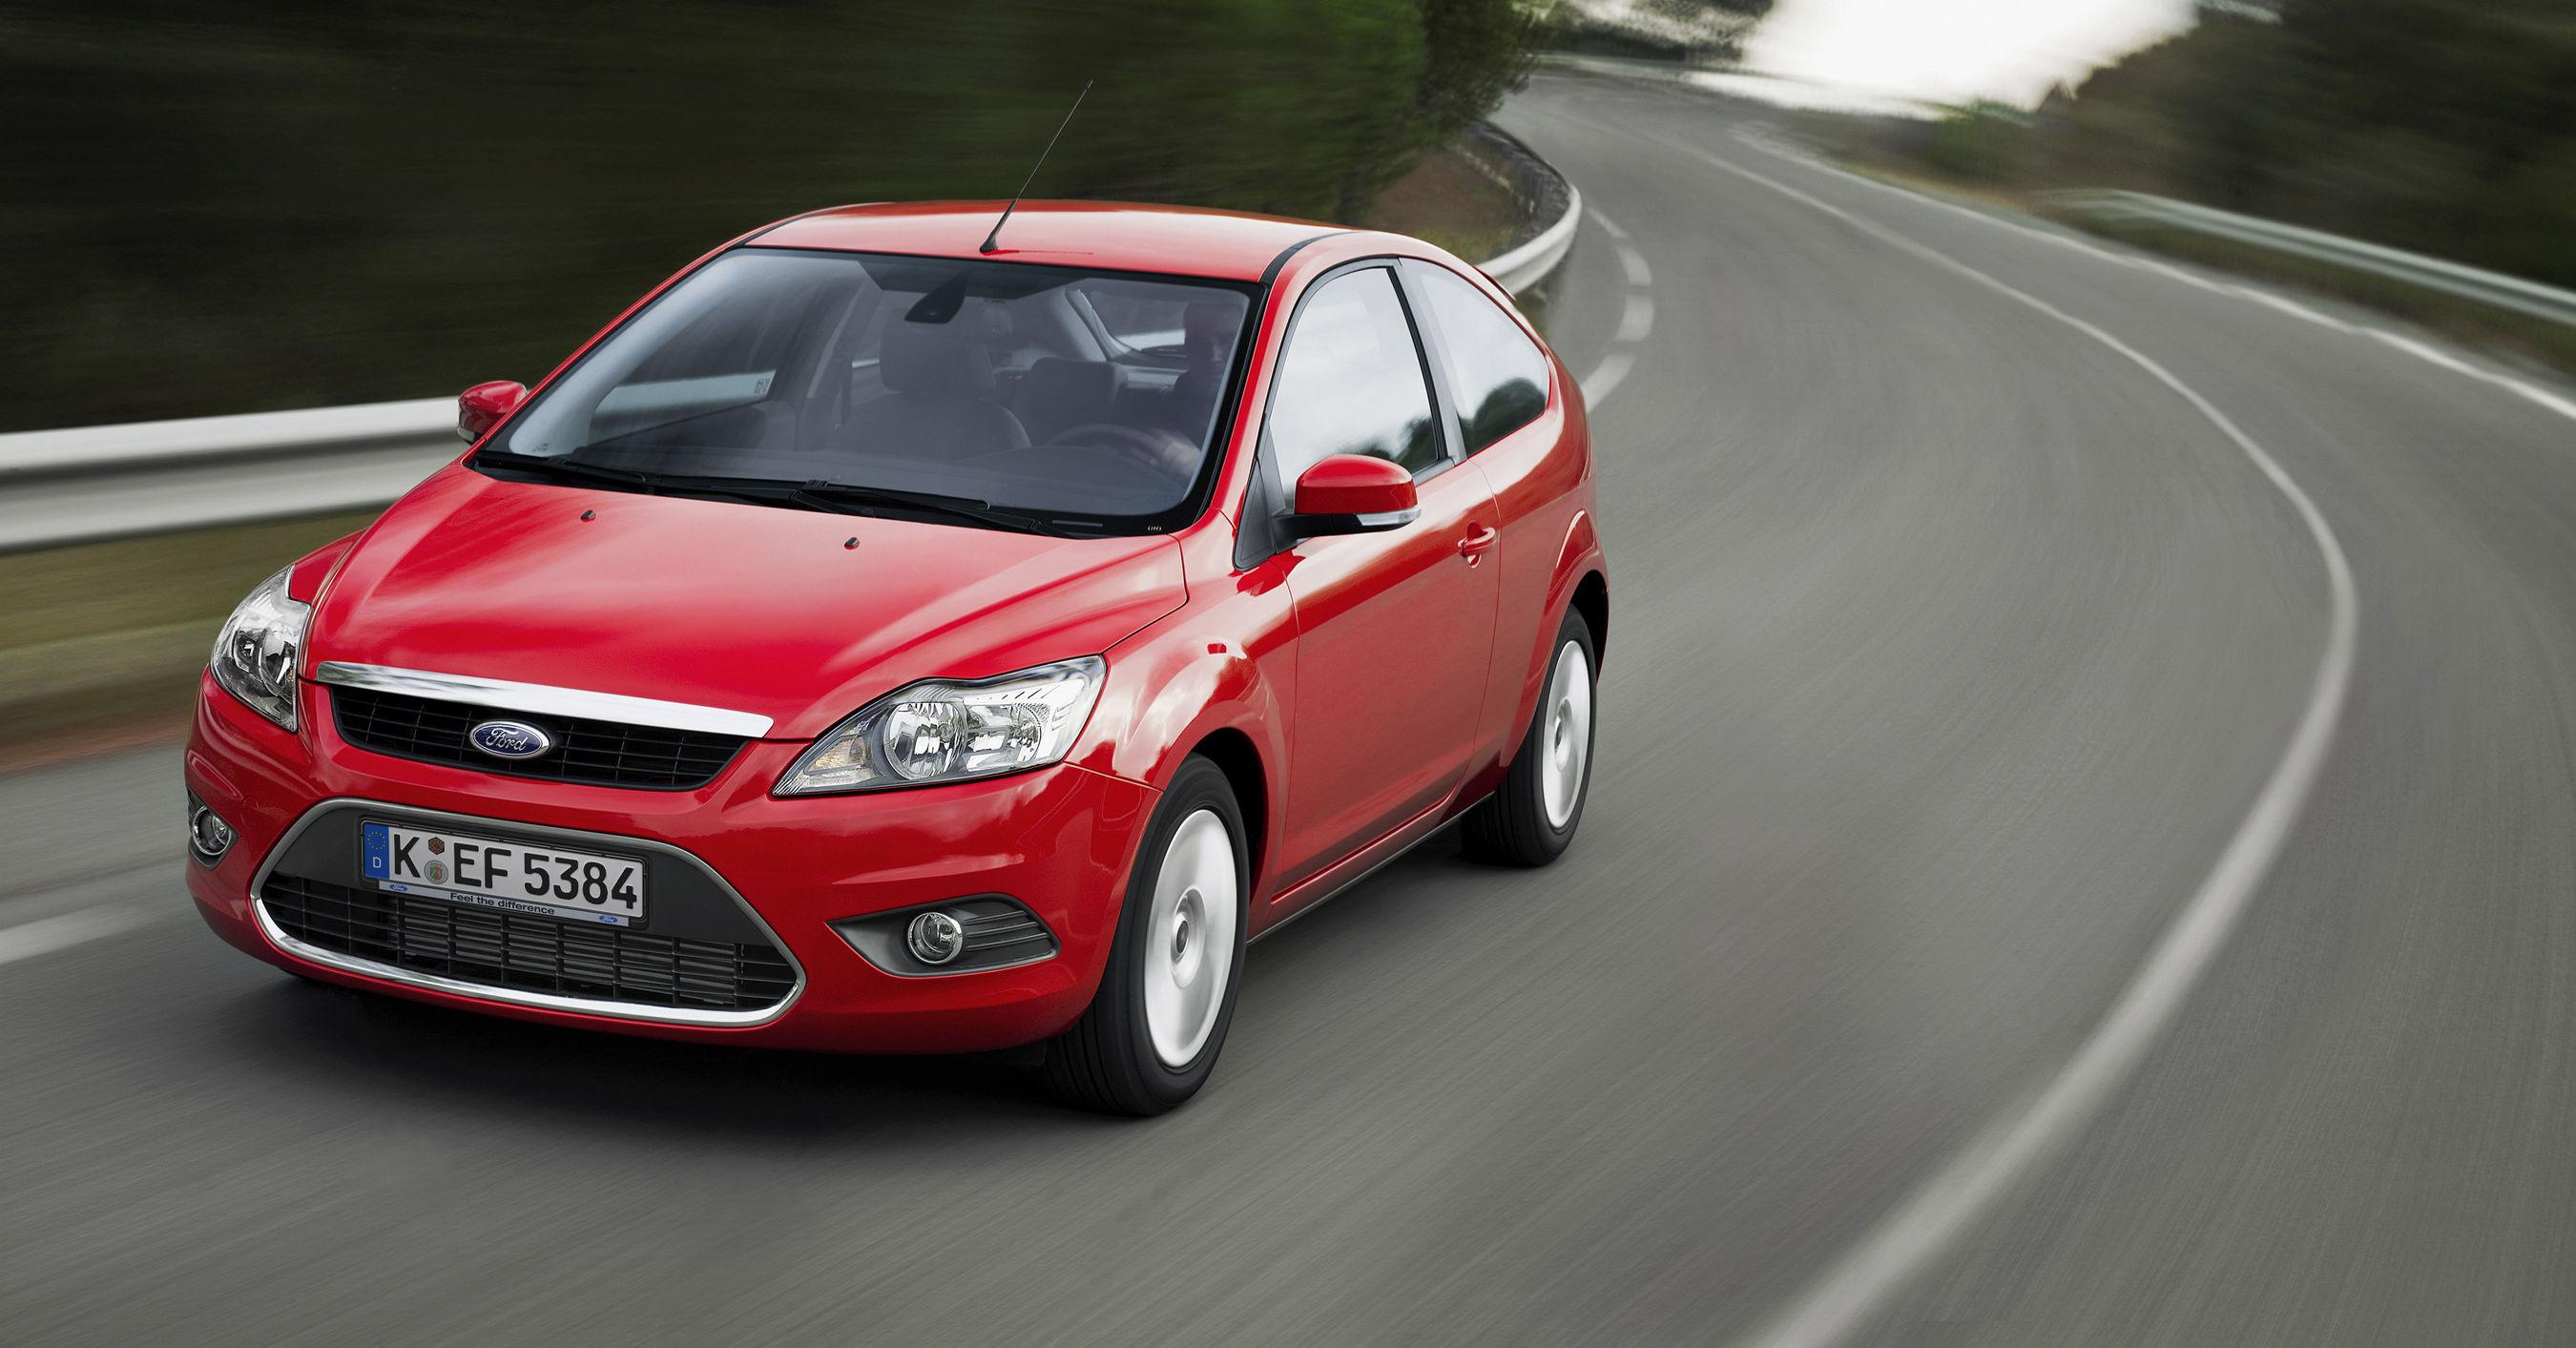 Ford benziner vertragen e 10 beimischung pressemitteilung ford werke gmbh